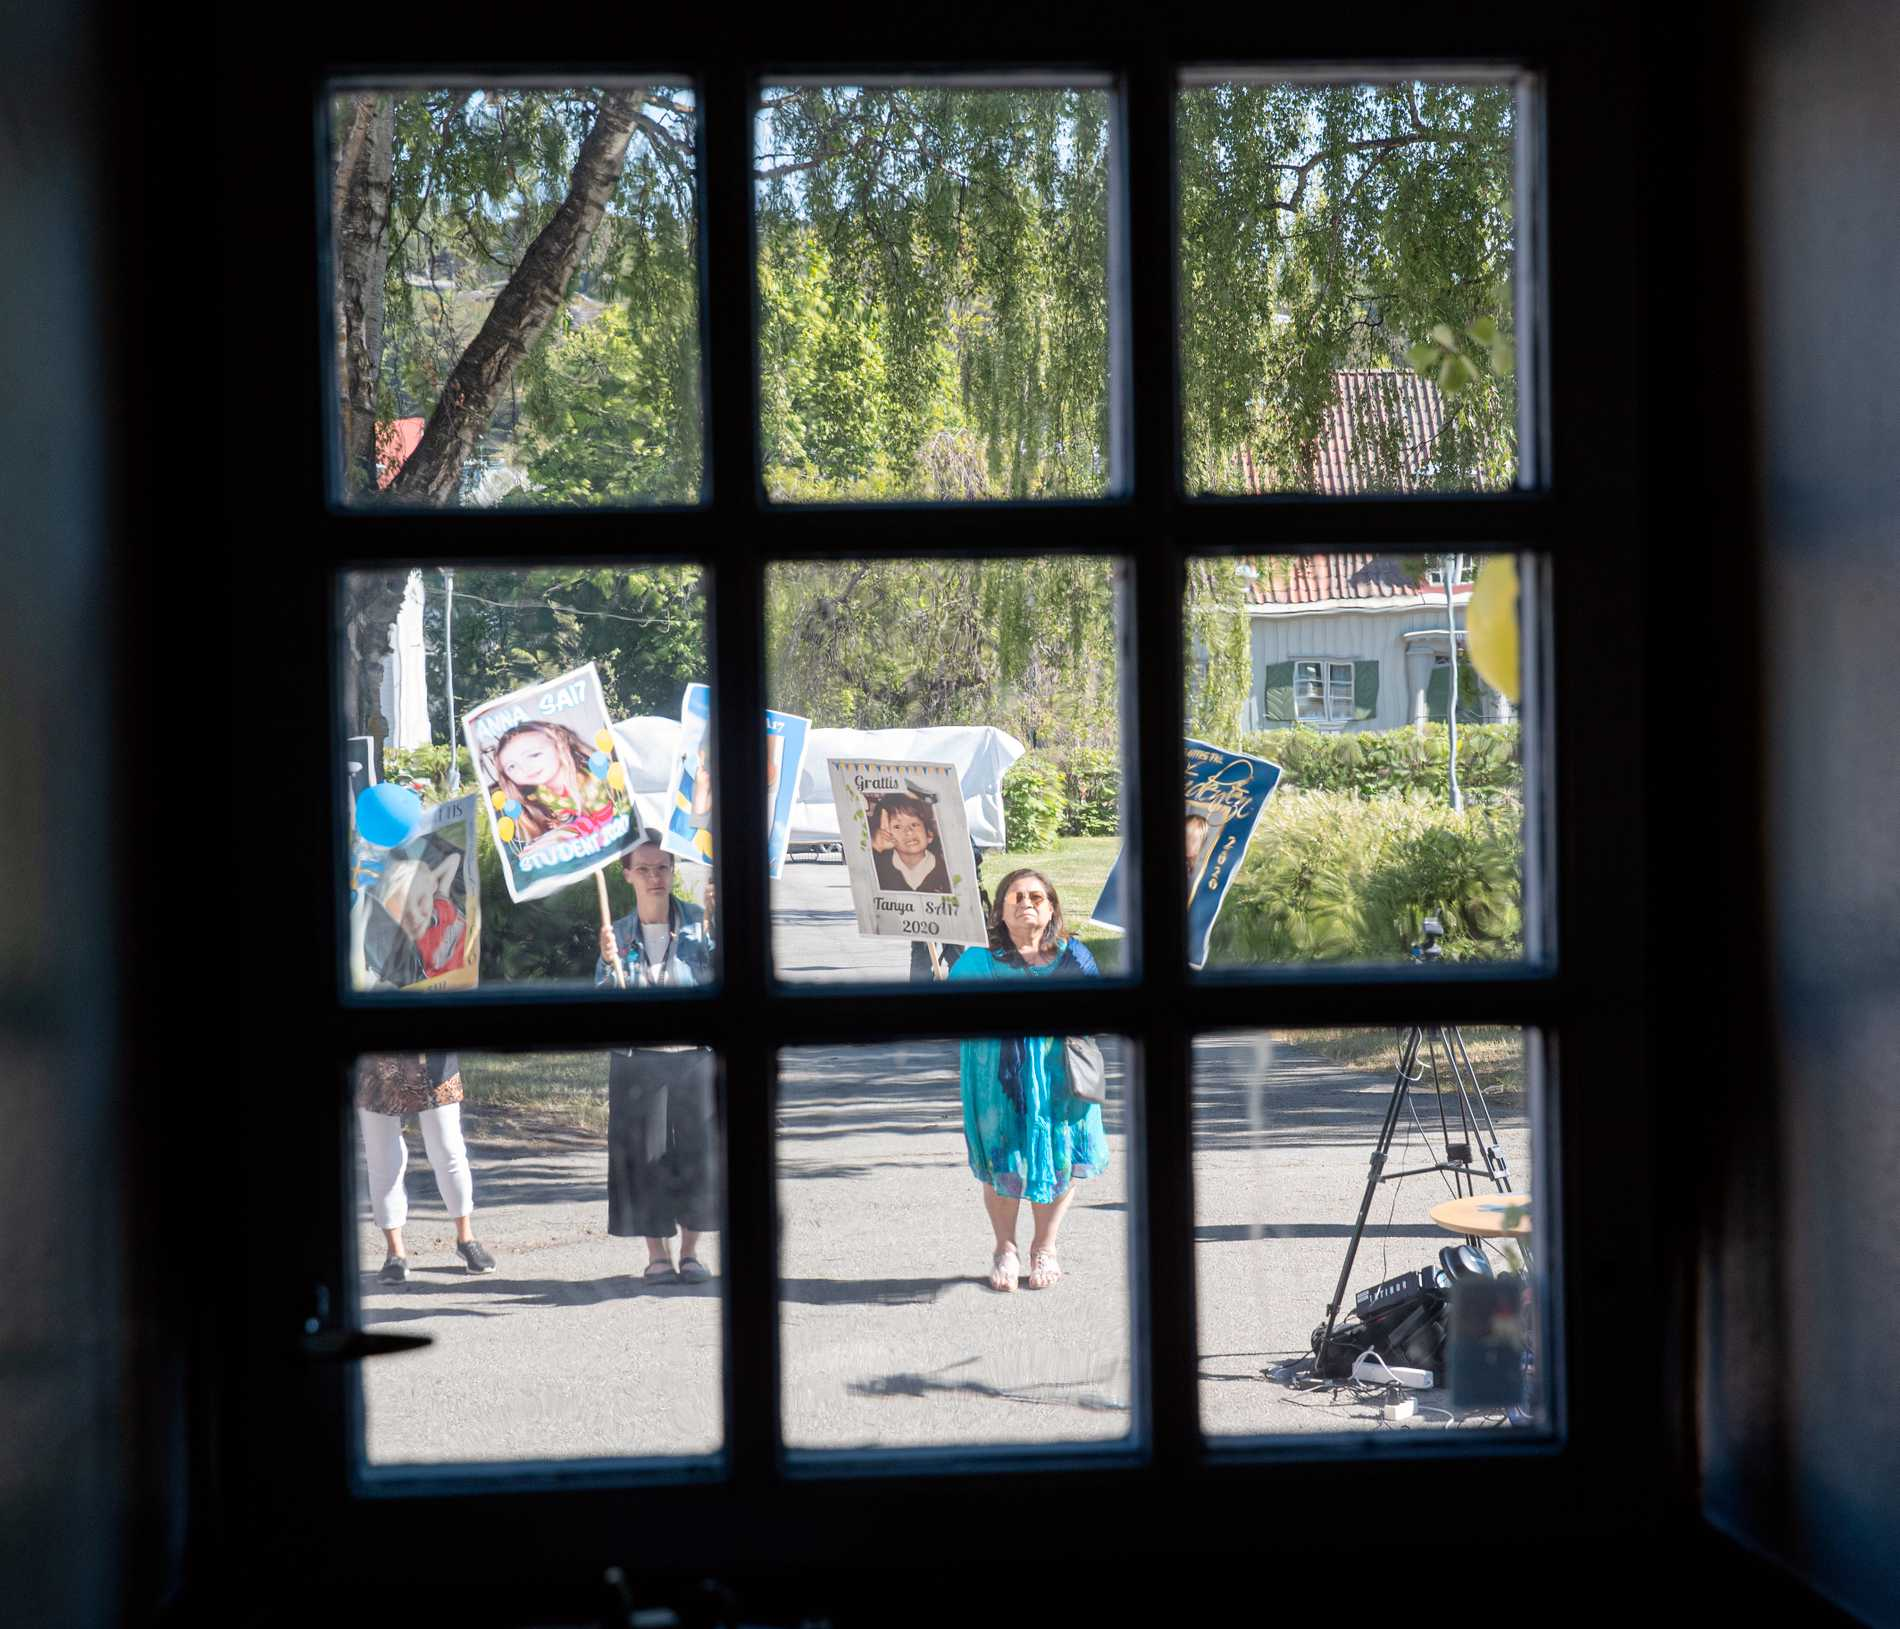 Skolans lärare tar emot eleverna utanför.